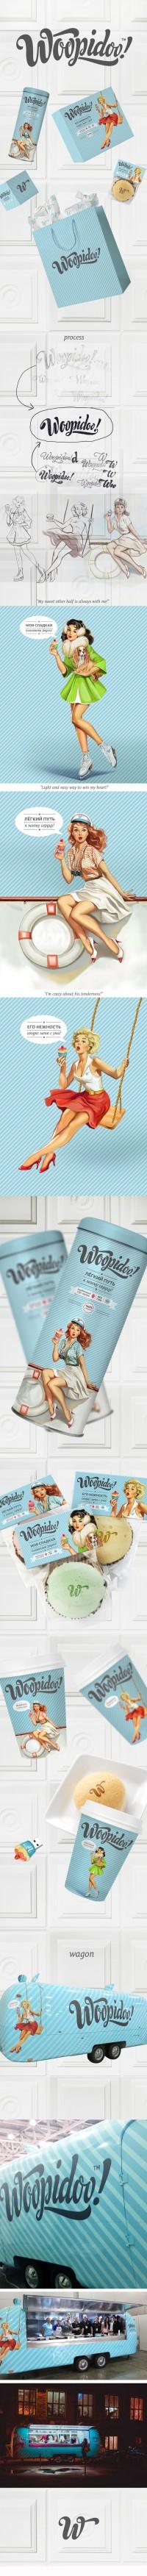 Woopidoo by Valeria Polubiatko | Inspiration DE